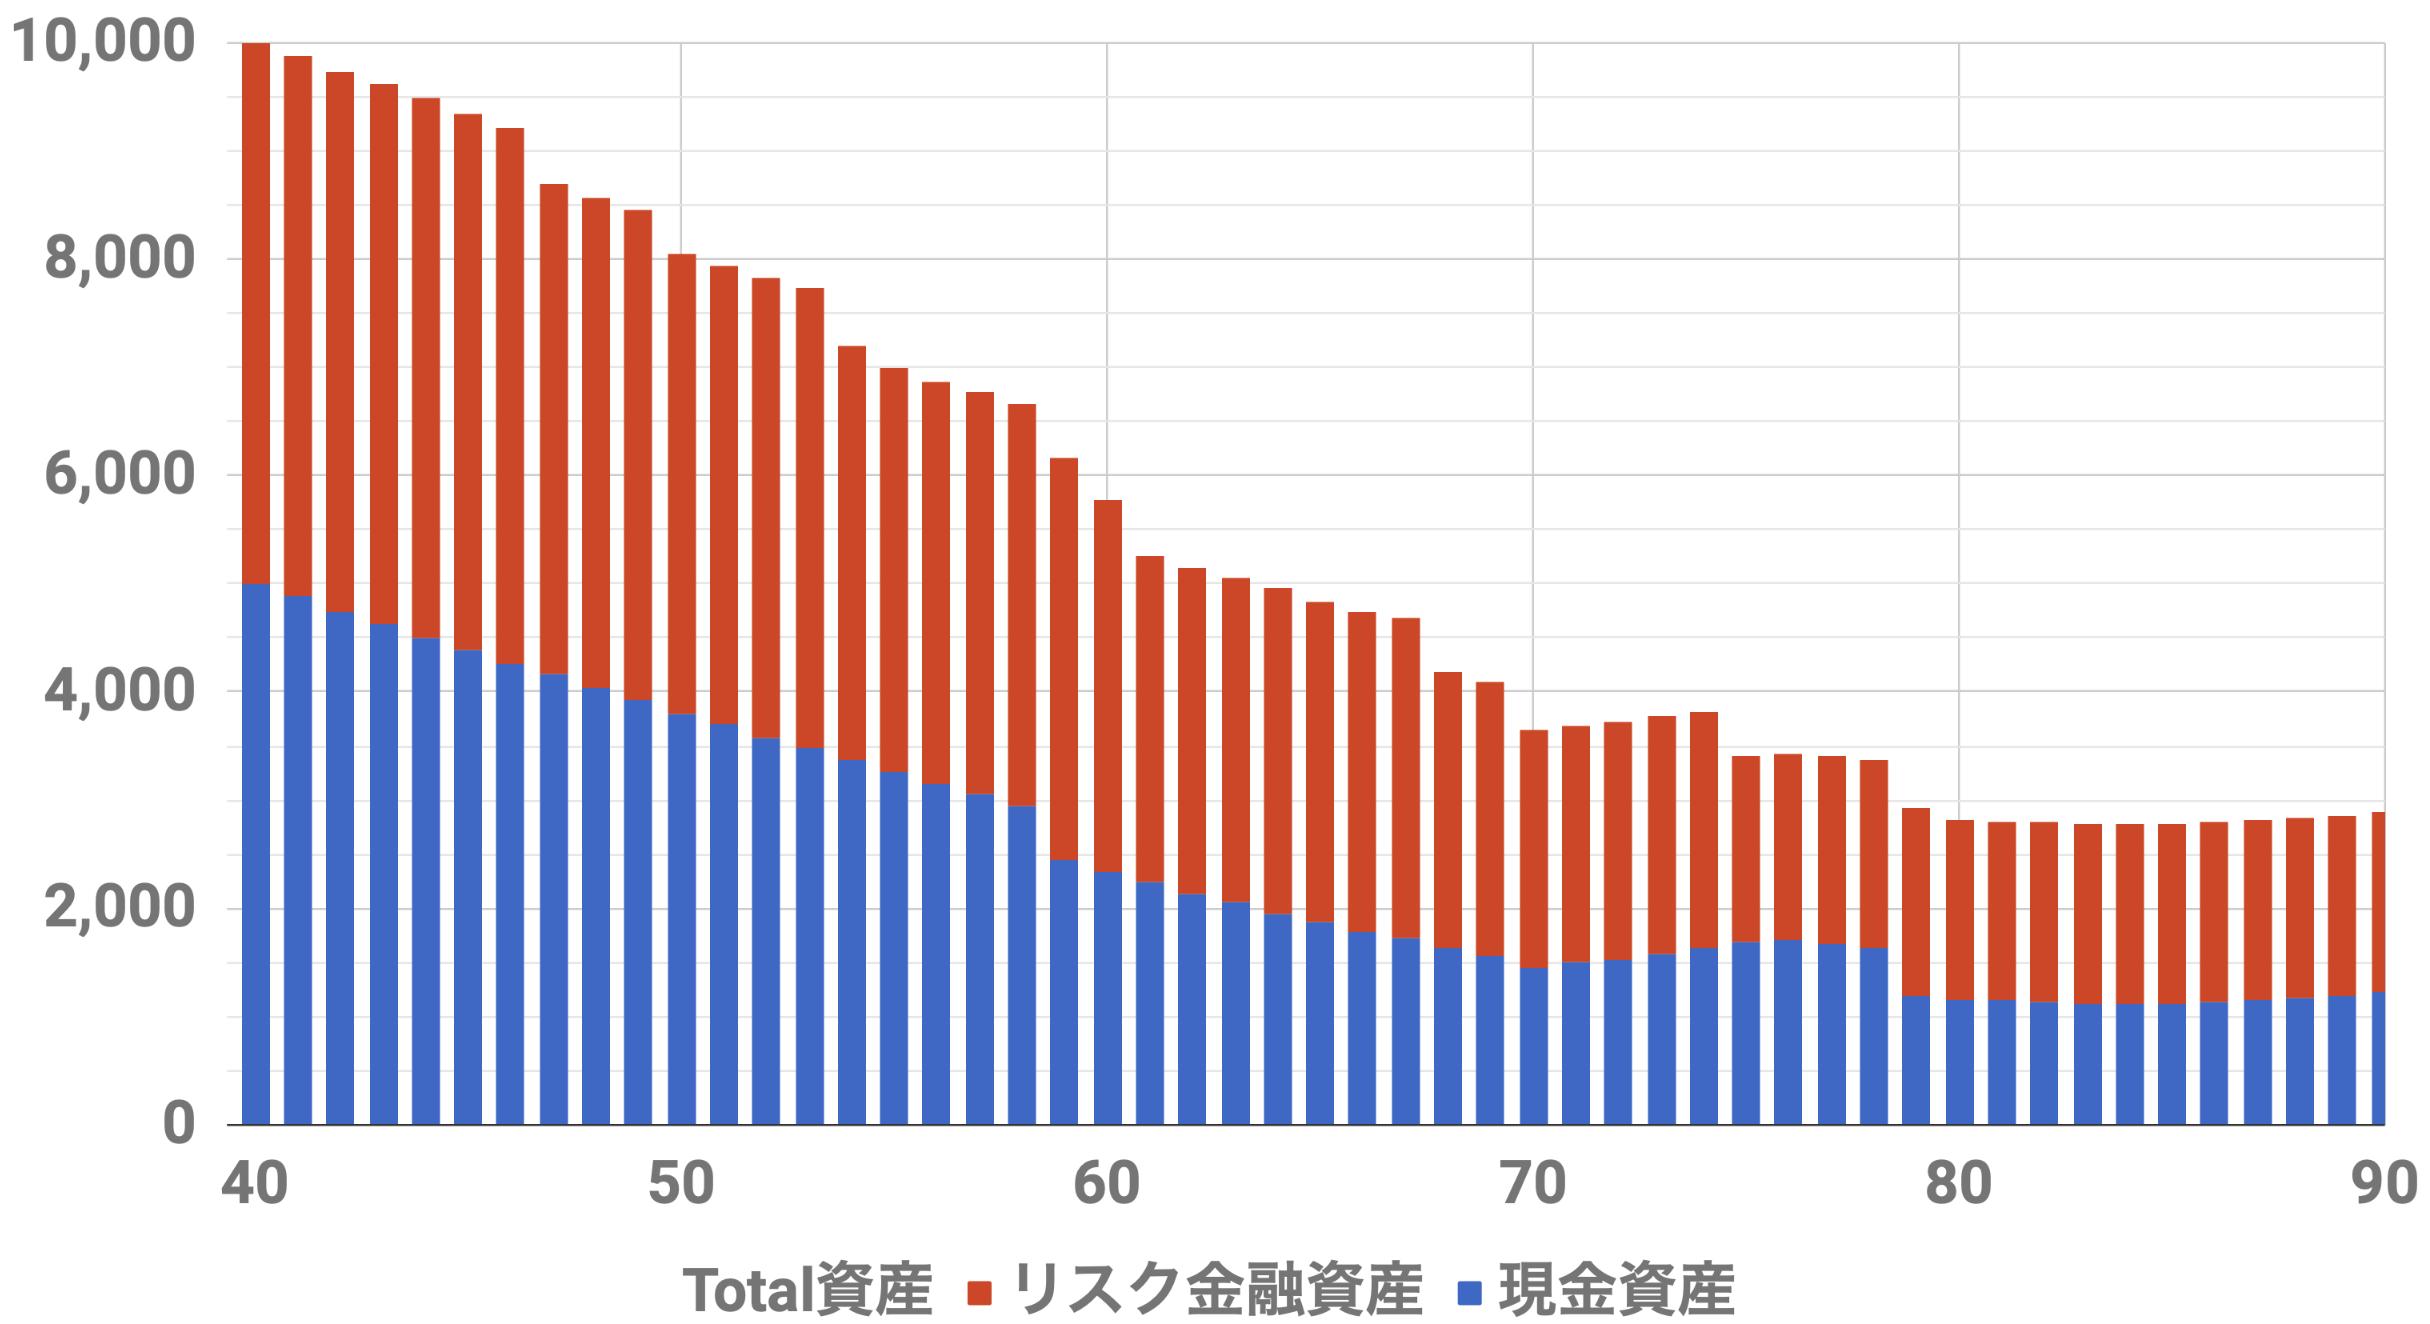 40歳1億円資産シミュレーション(Level5)インフレ率2%利率3%連続増配率3%リスク資金5000万